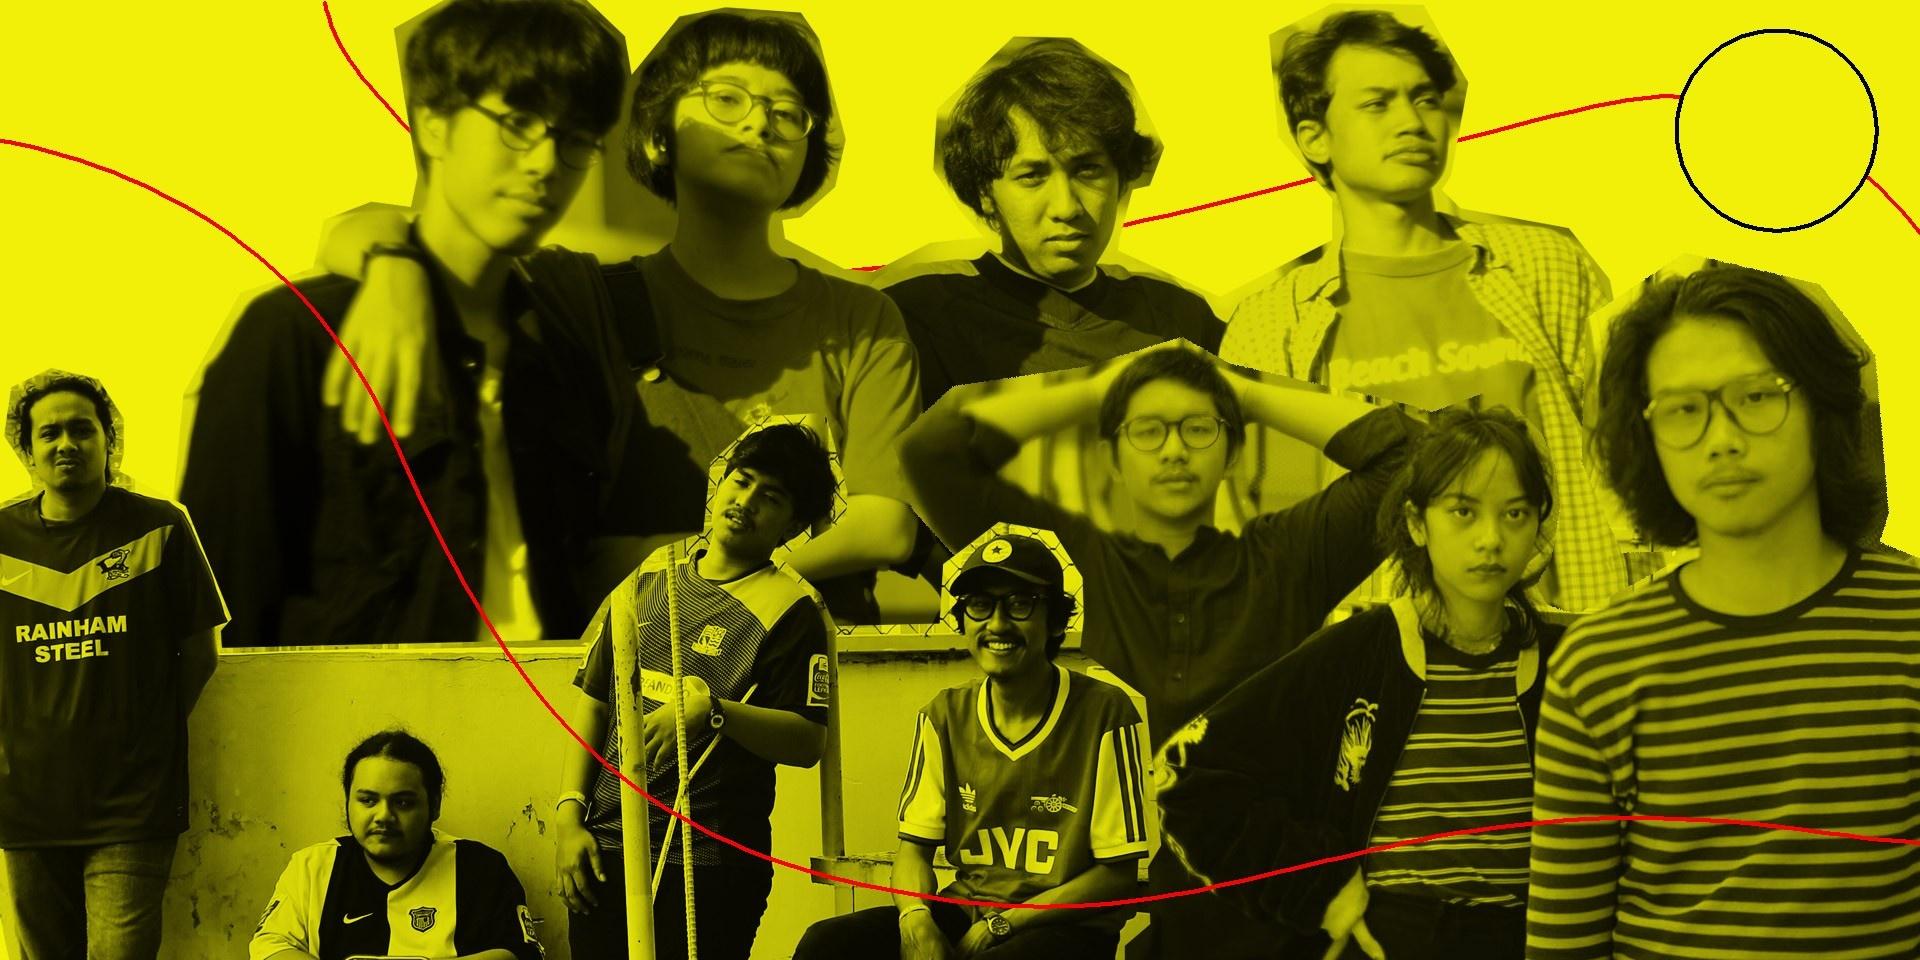 Bedchamber, Gizpel, Grrrl Gang are coming to Manila for Kolibri Rekords showcase